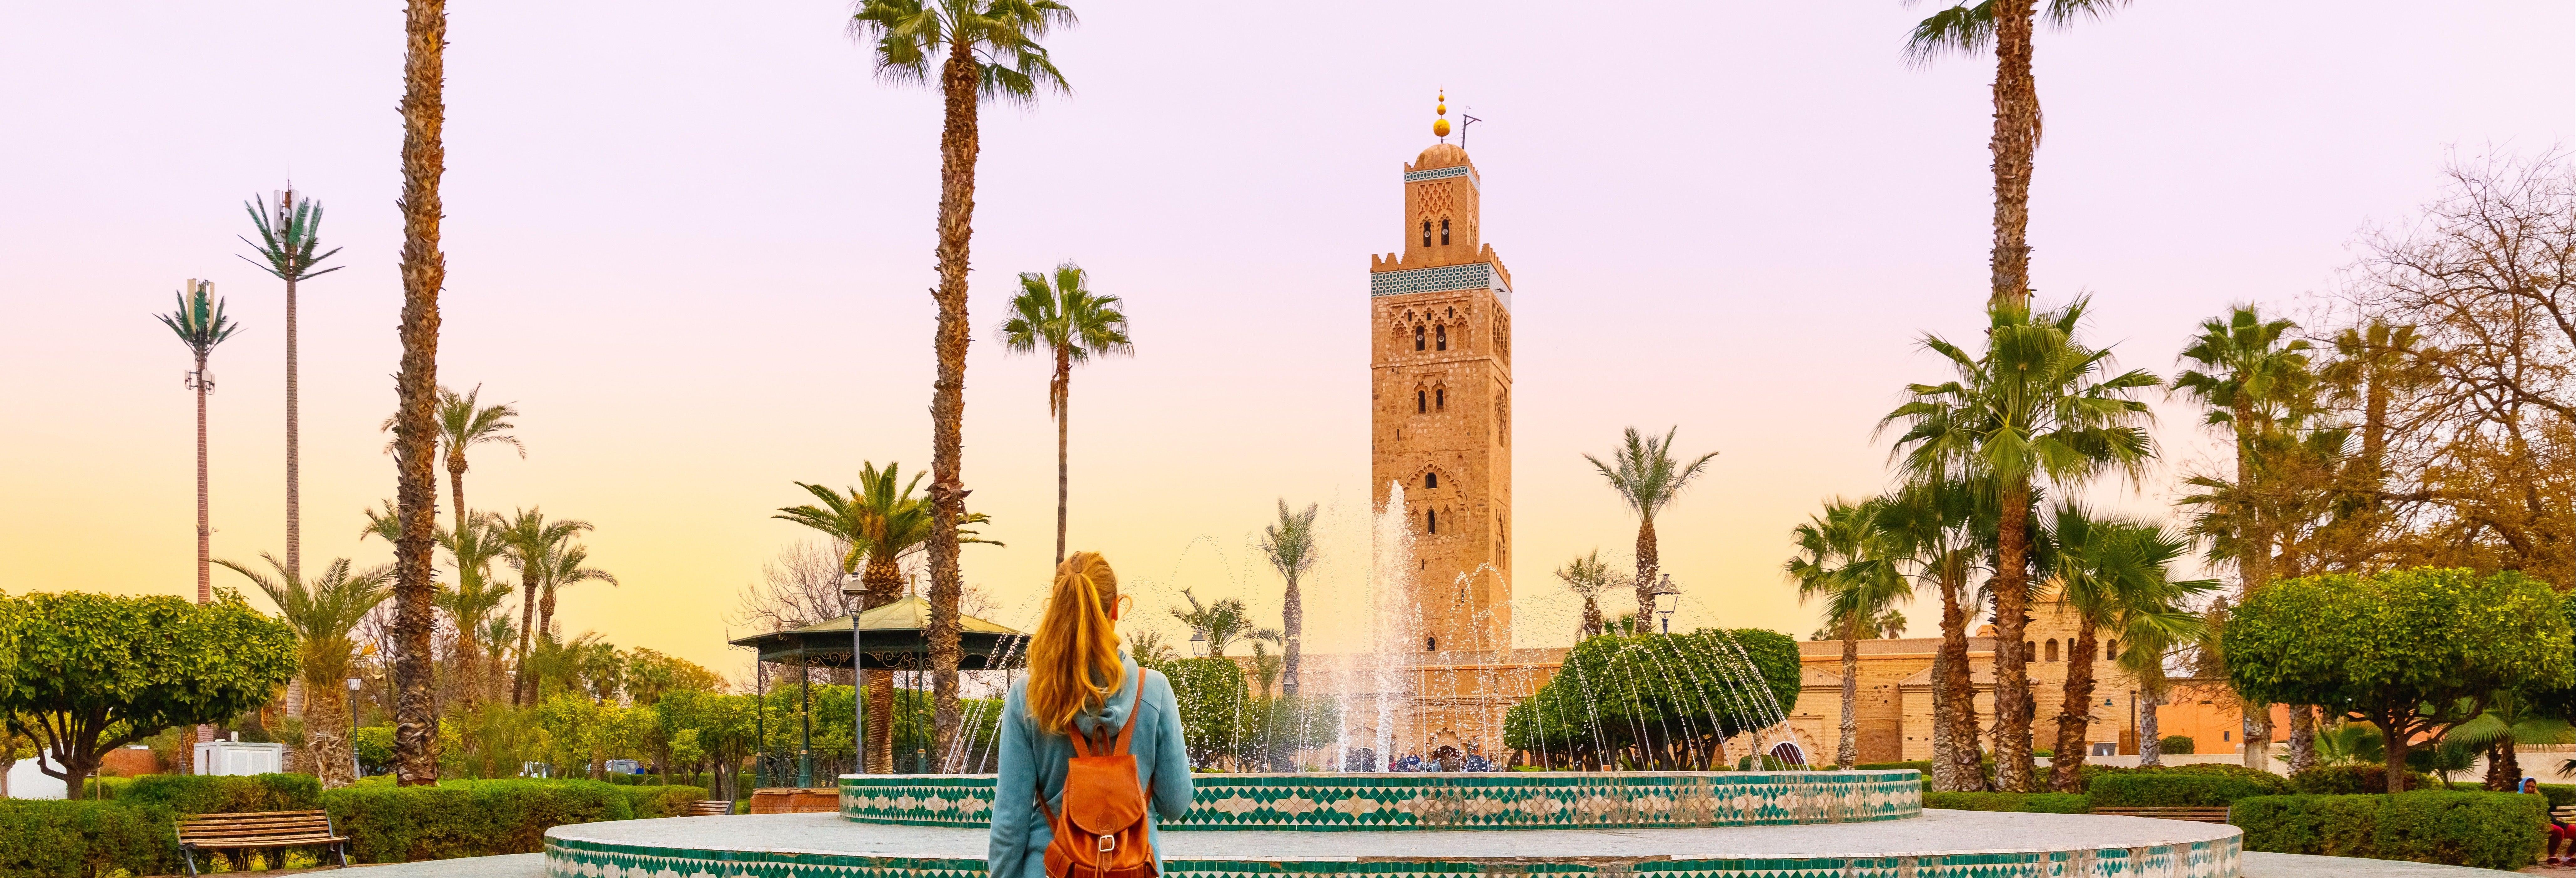 Circuito de 8 días por Marruecos